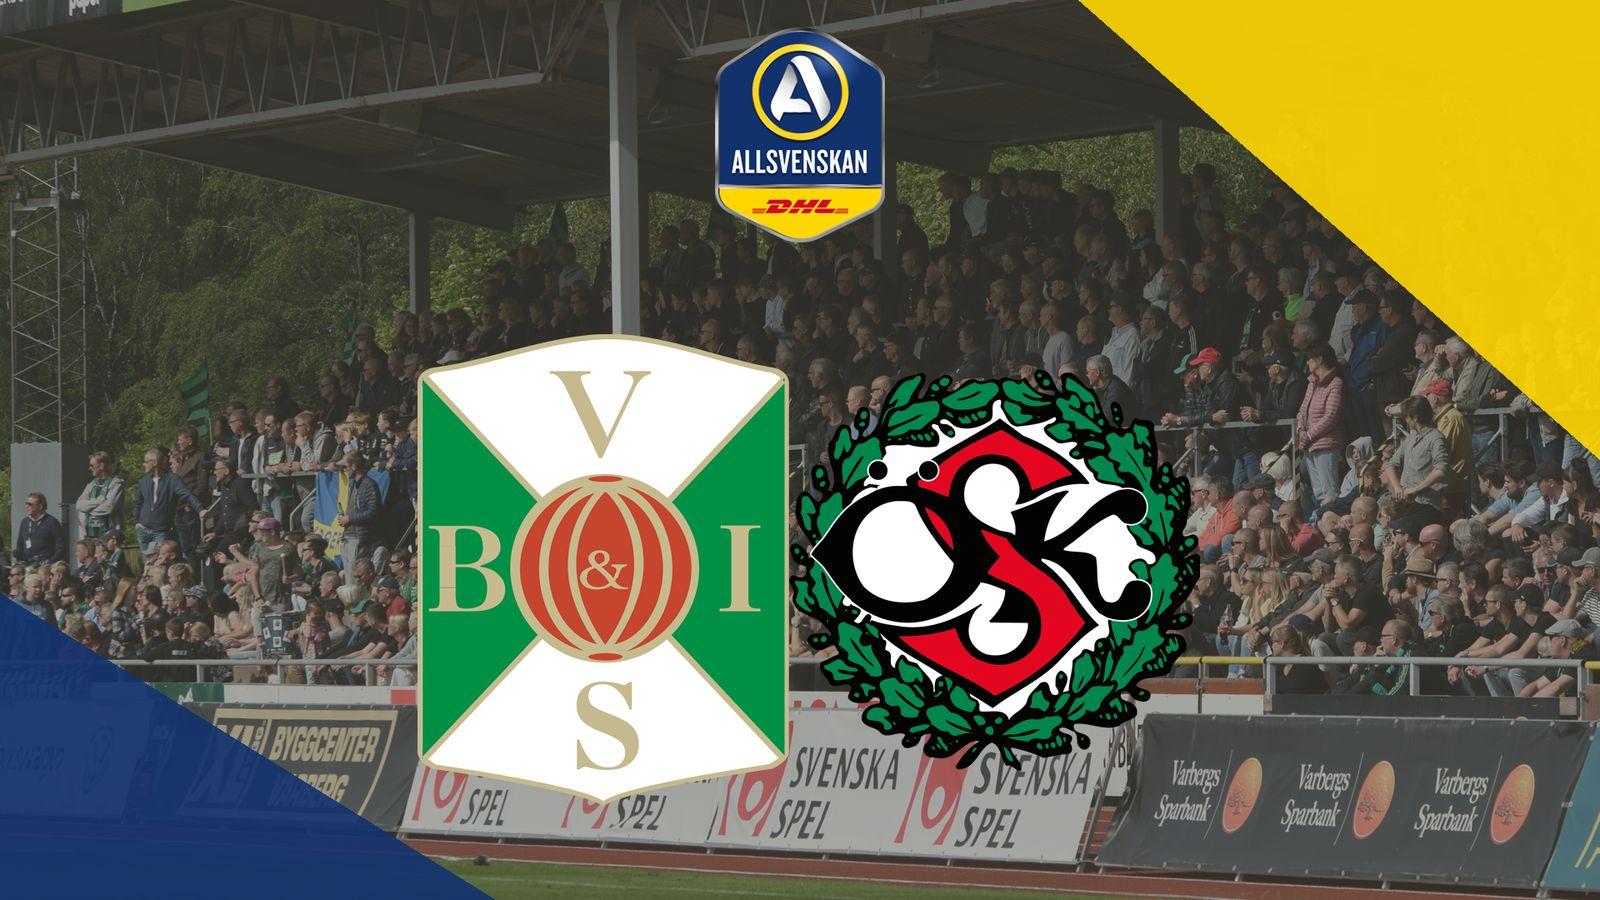 Varbergs Bois Fc Orebro Sk Allsvenskan 17 Spieltag Original Sound Eurosport